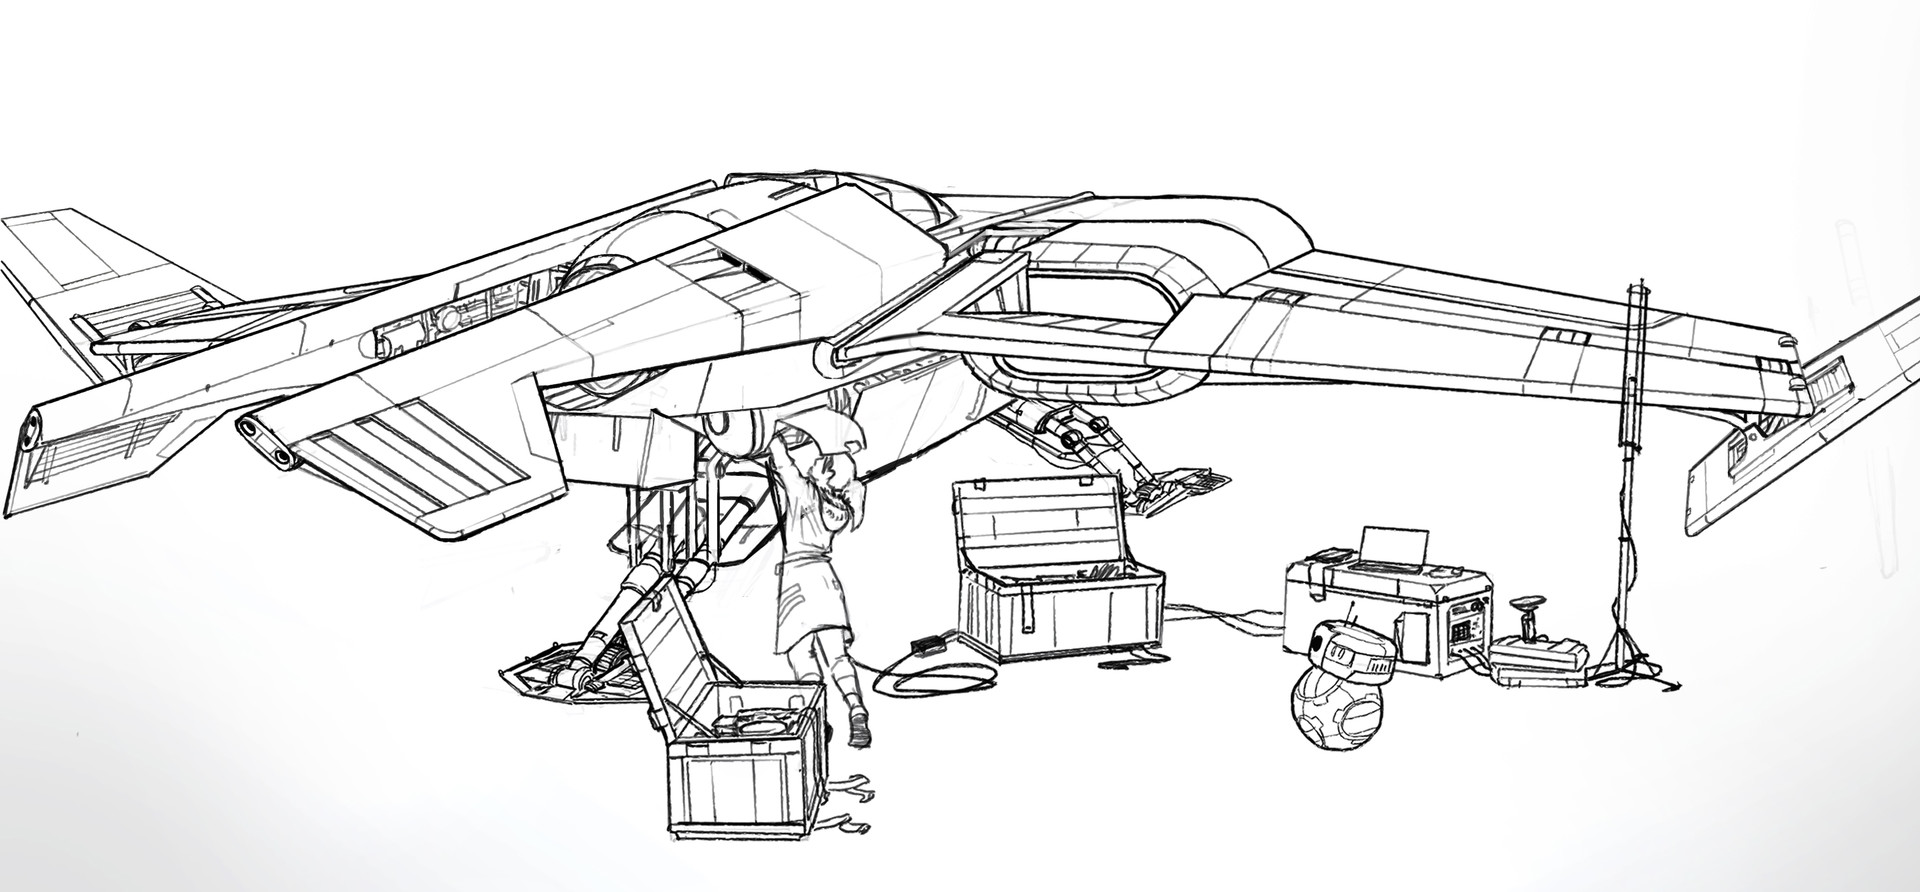 Julien gauthier spacecraft fighter line